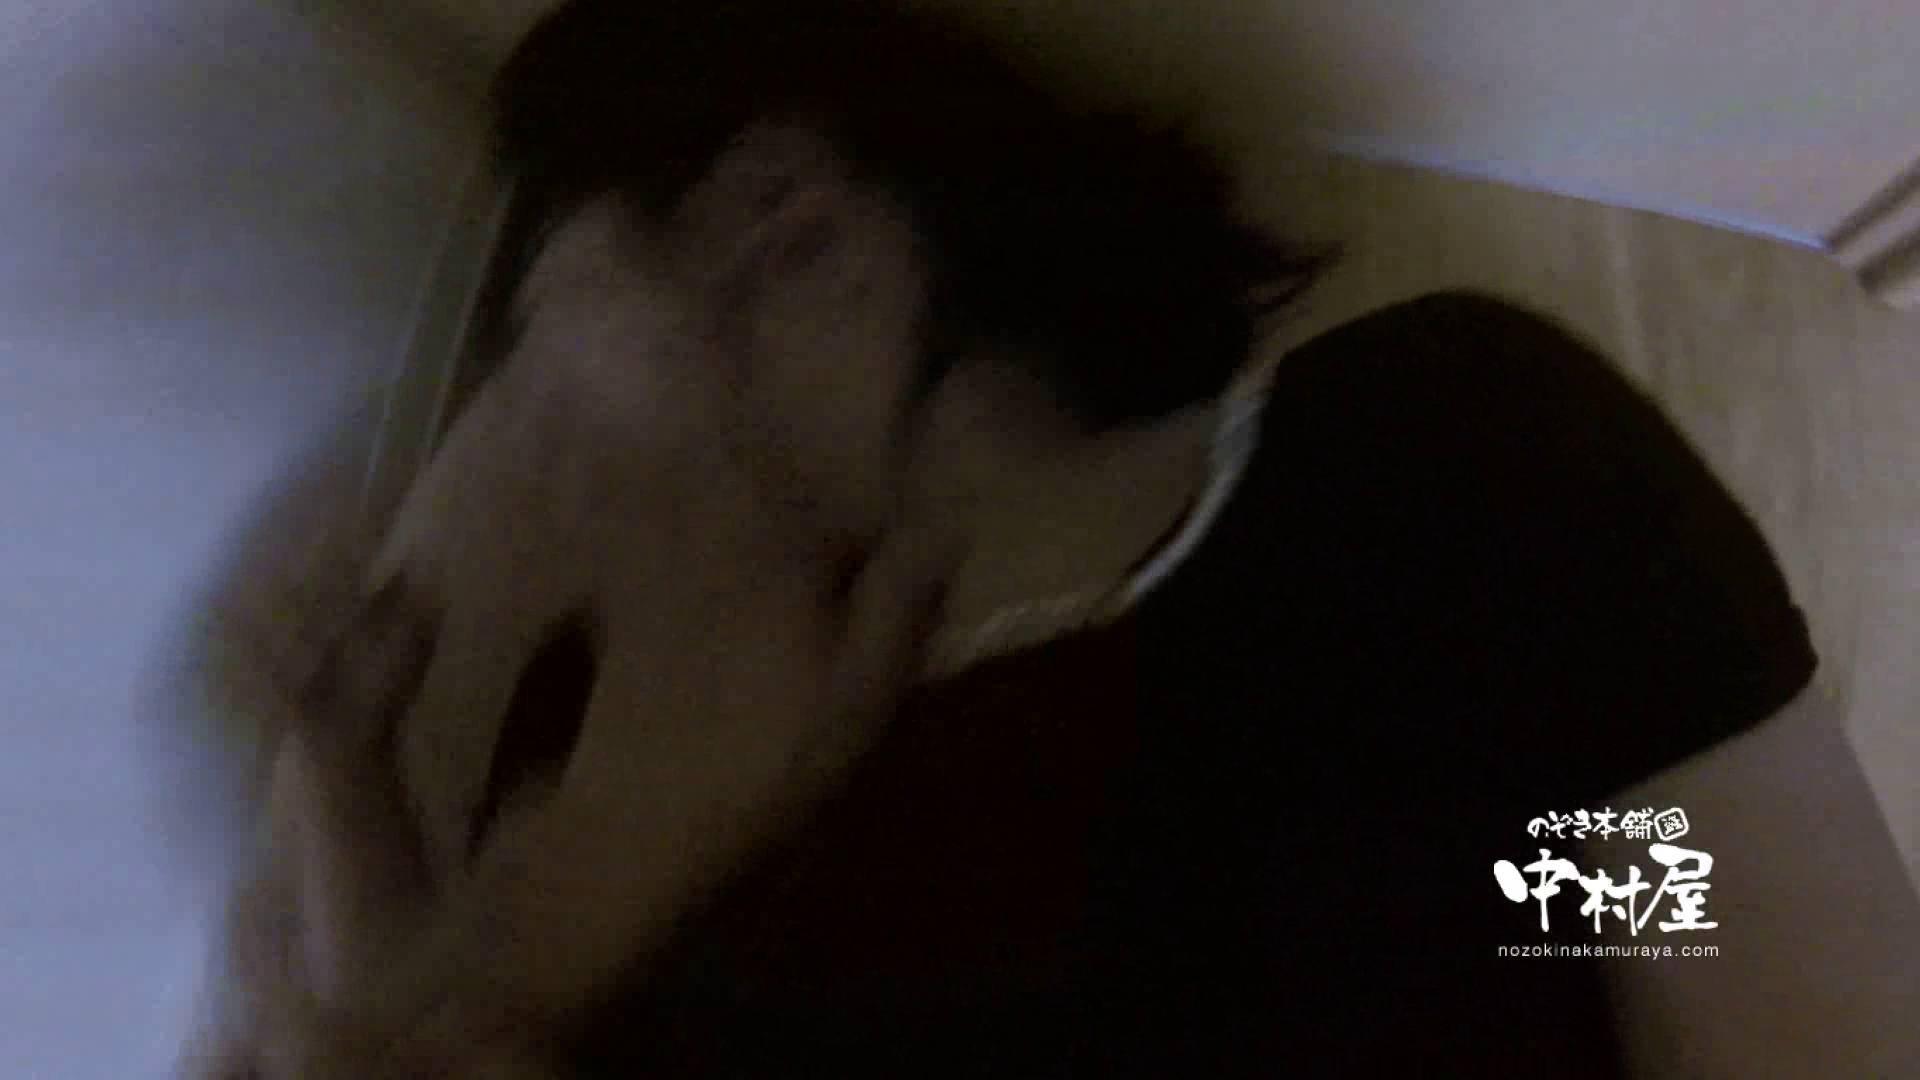 鬼畜 vol.06 中出し処刑! 前編 鬼畜  112PIX 98